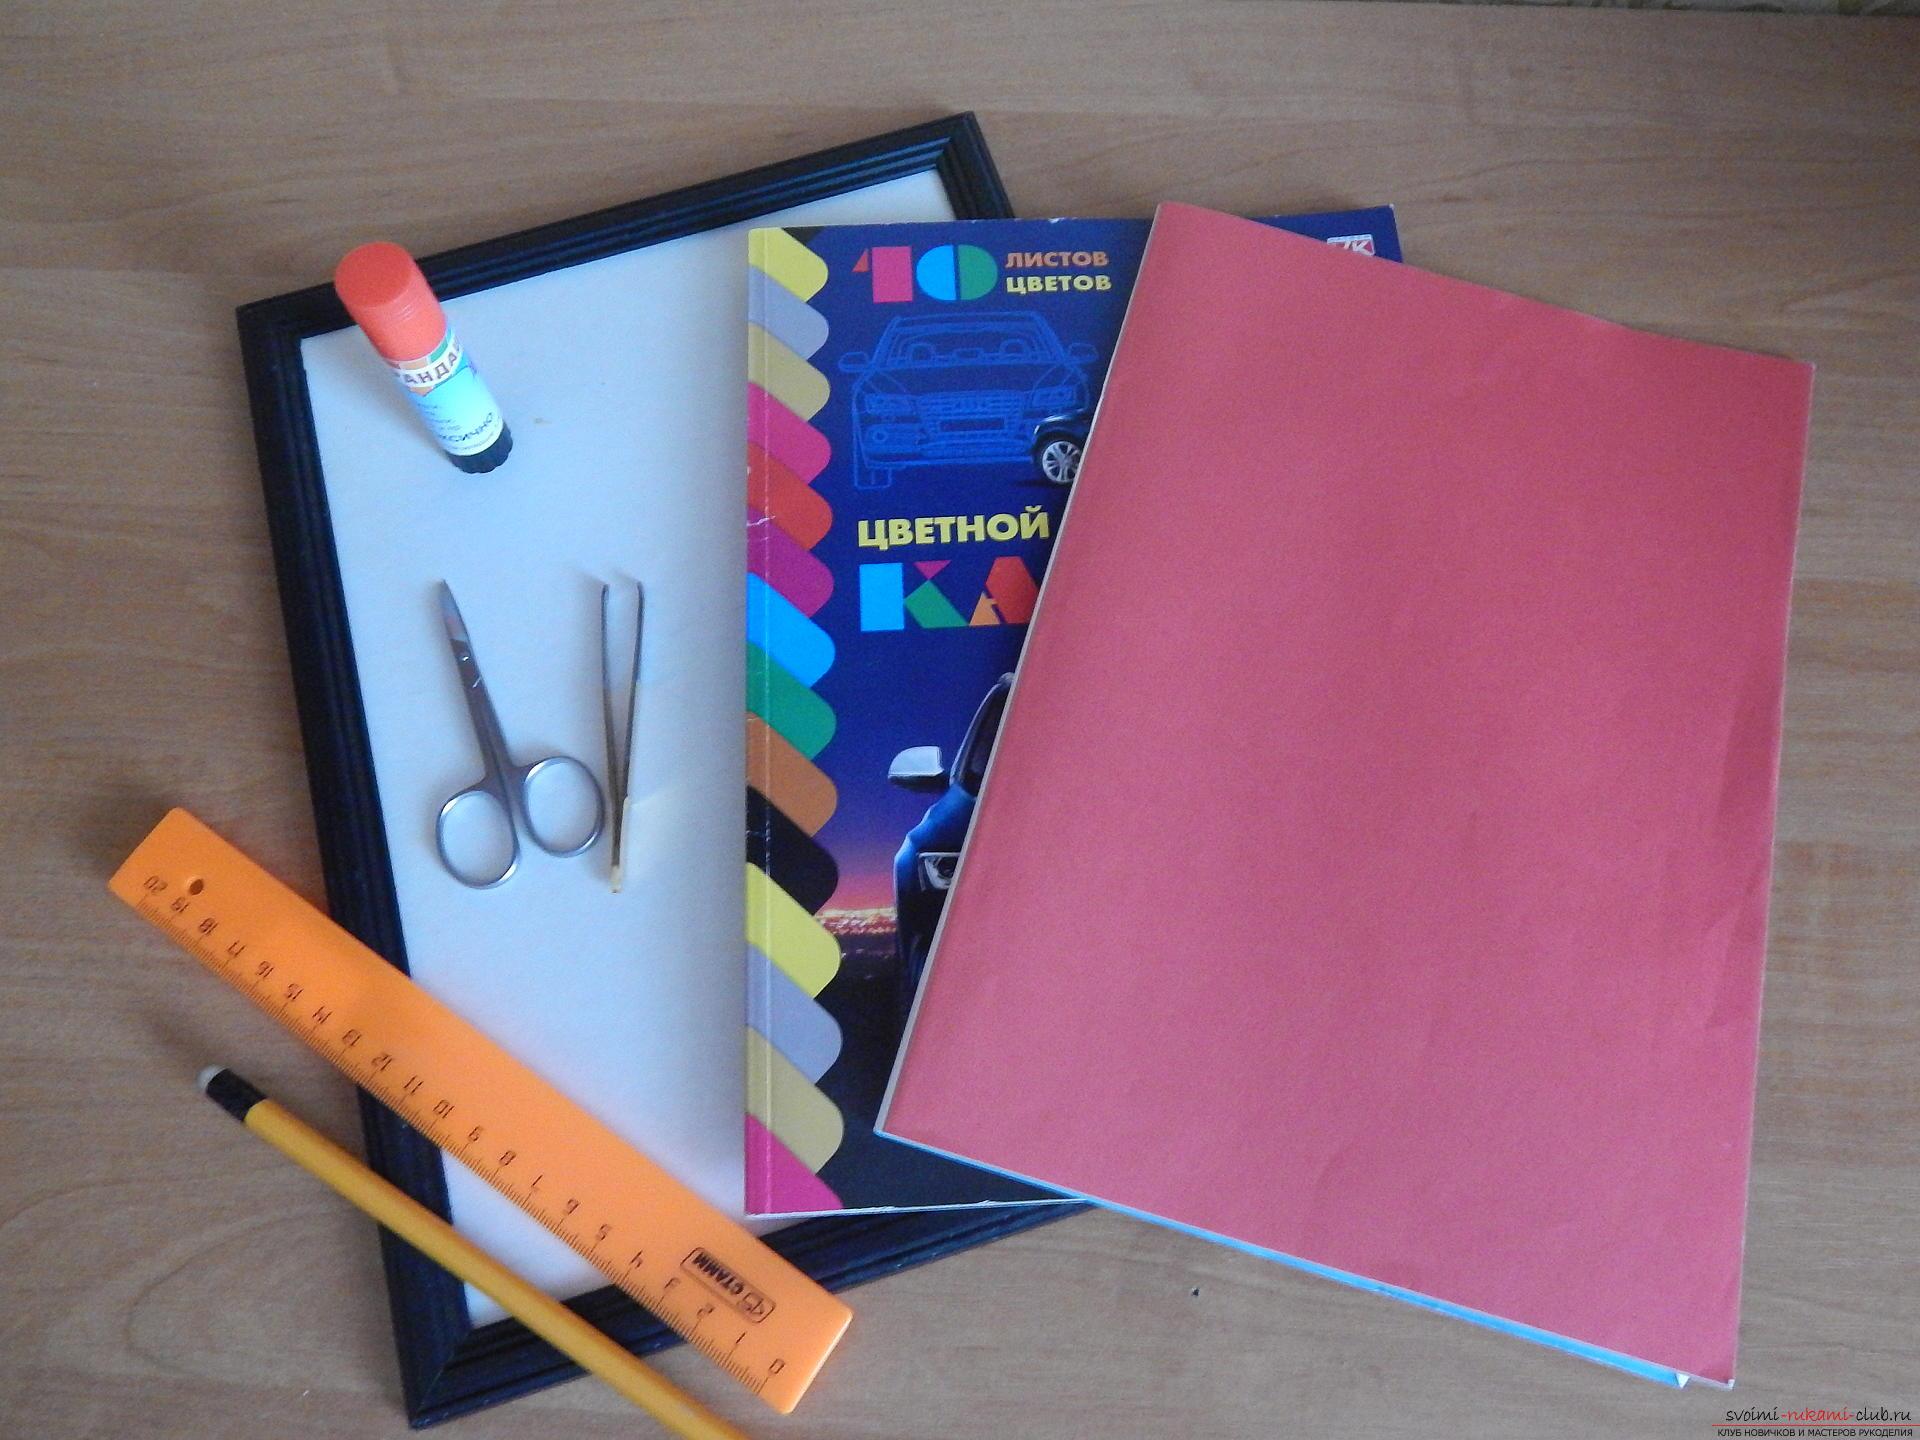 Этот подробный мастер-класс научит как сделать своими руками календарь - подарок на День влюбленных. Фото №2